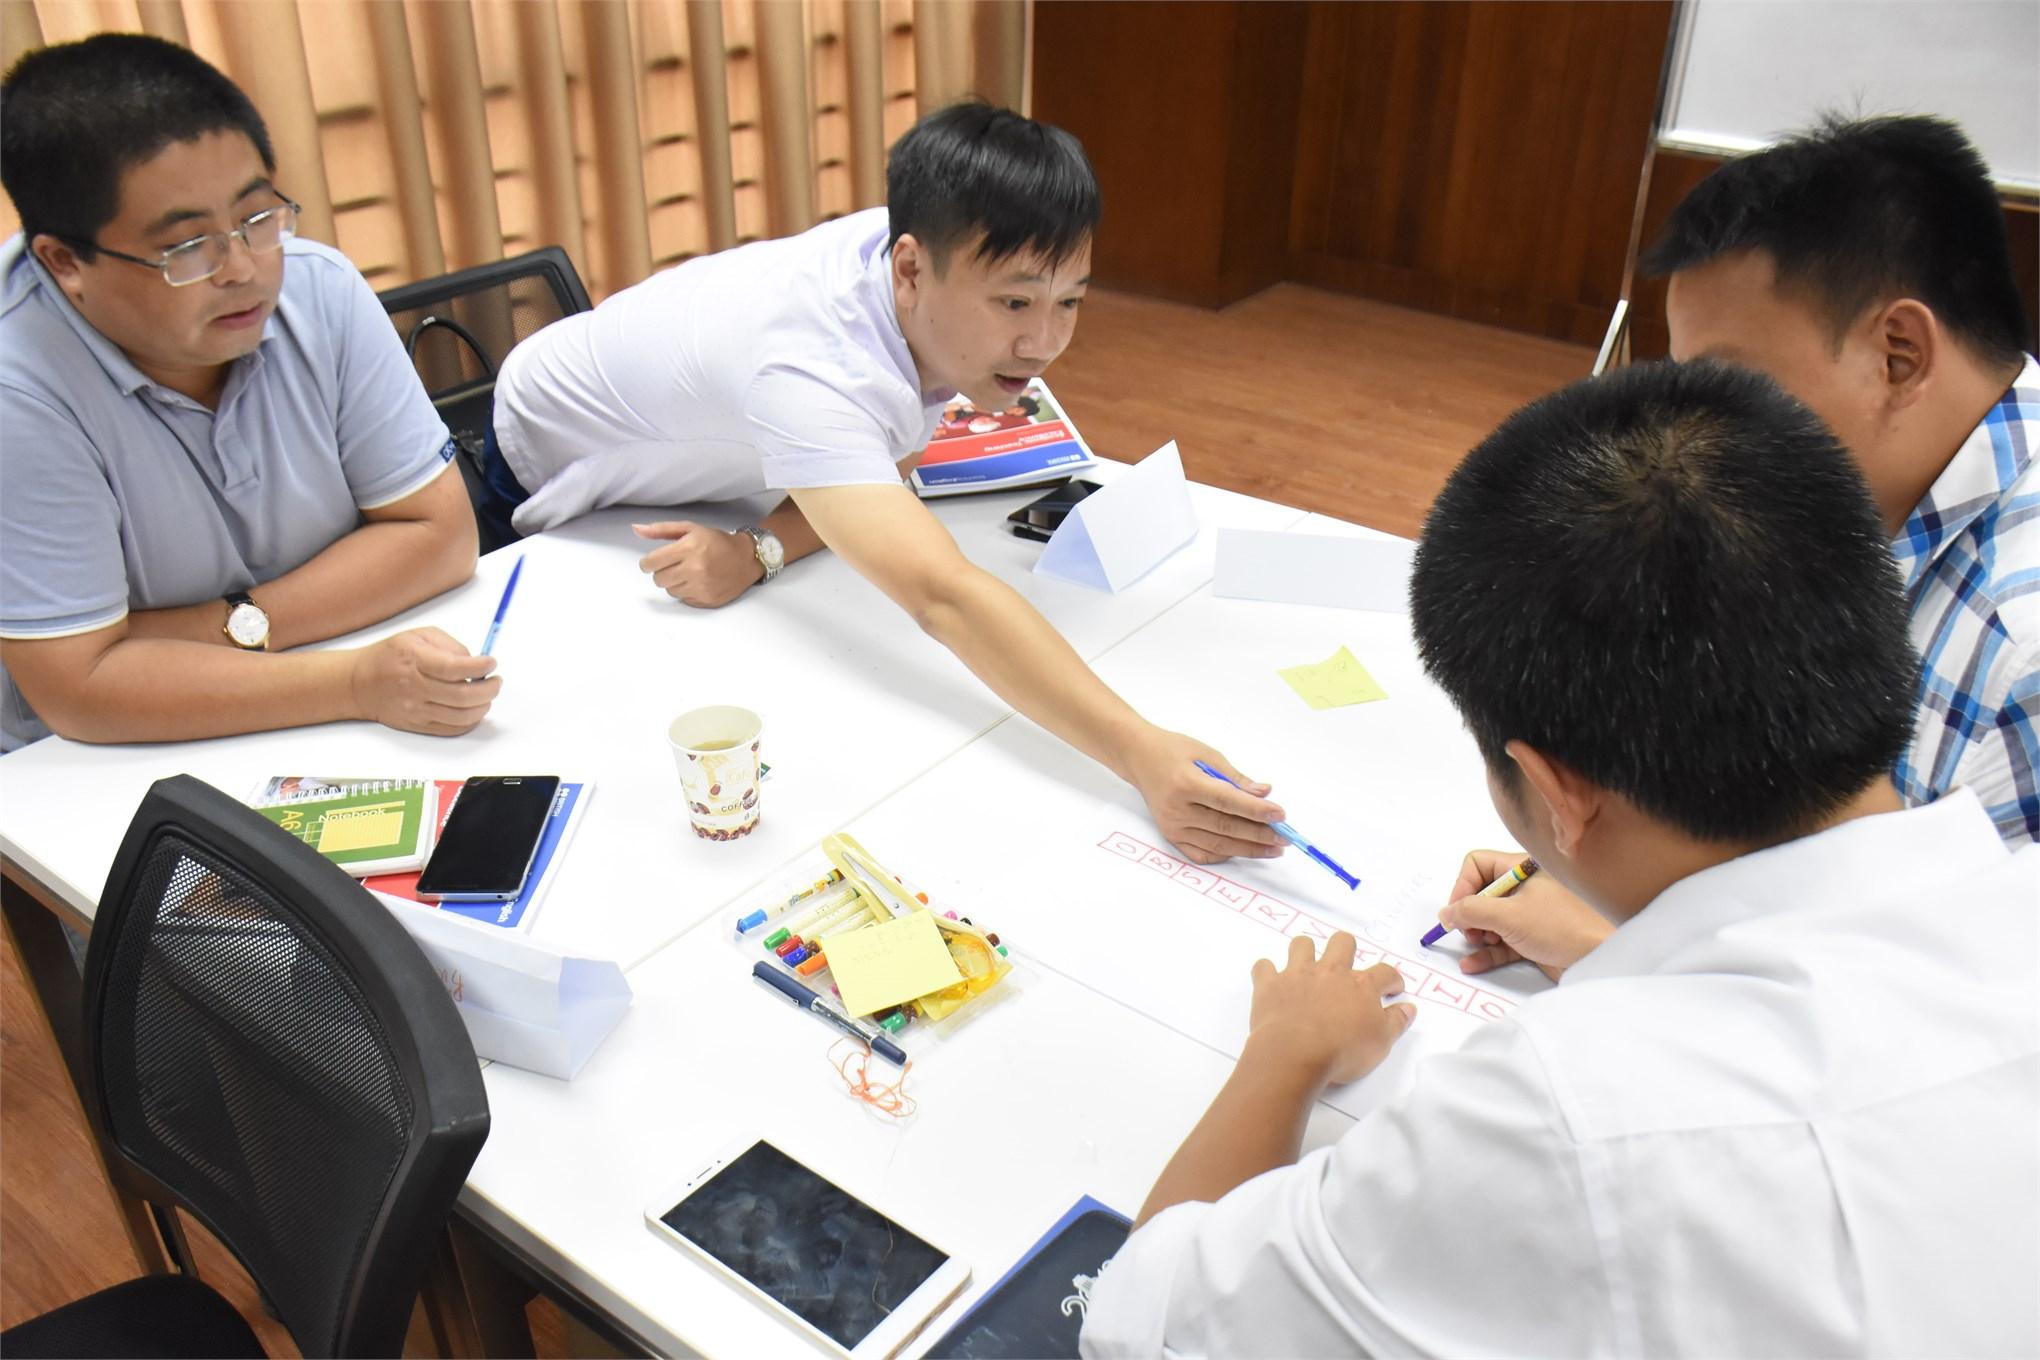 Khoa Ngoại ngữ tổ chức lớp bồi dưỡng tiếng Anh cho cán bộ giảng viên đợt 2